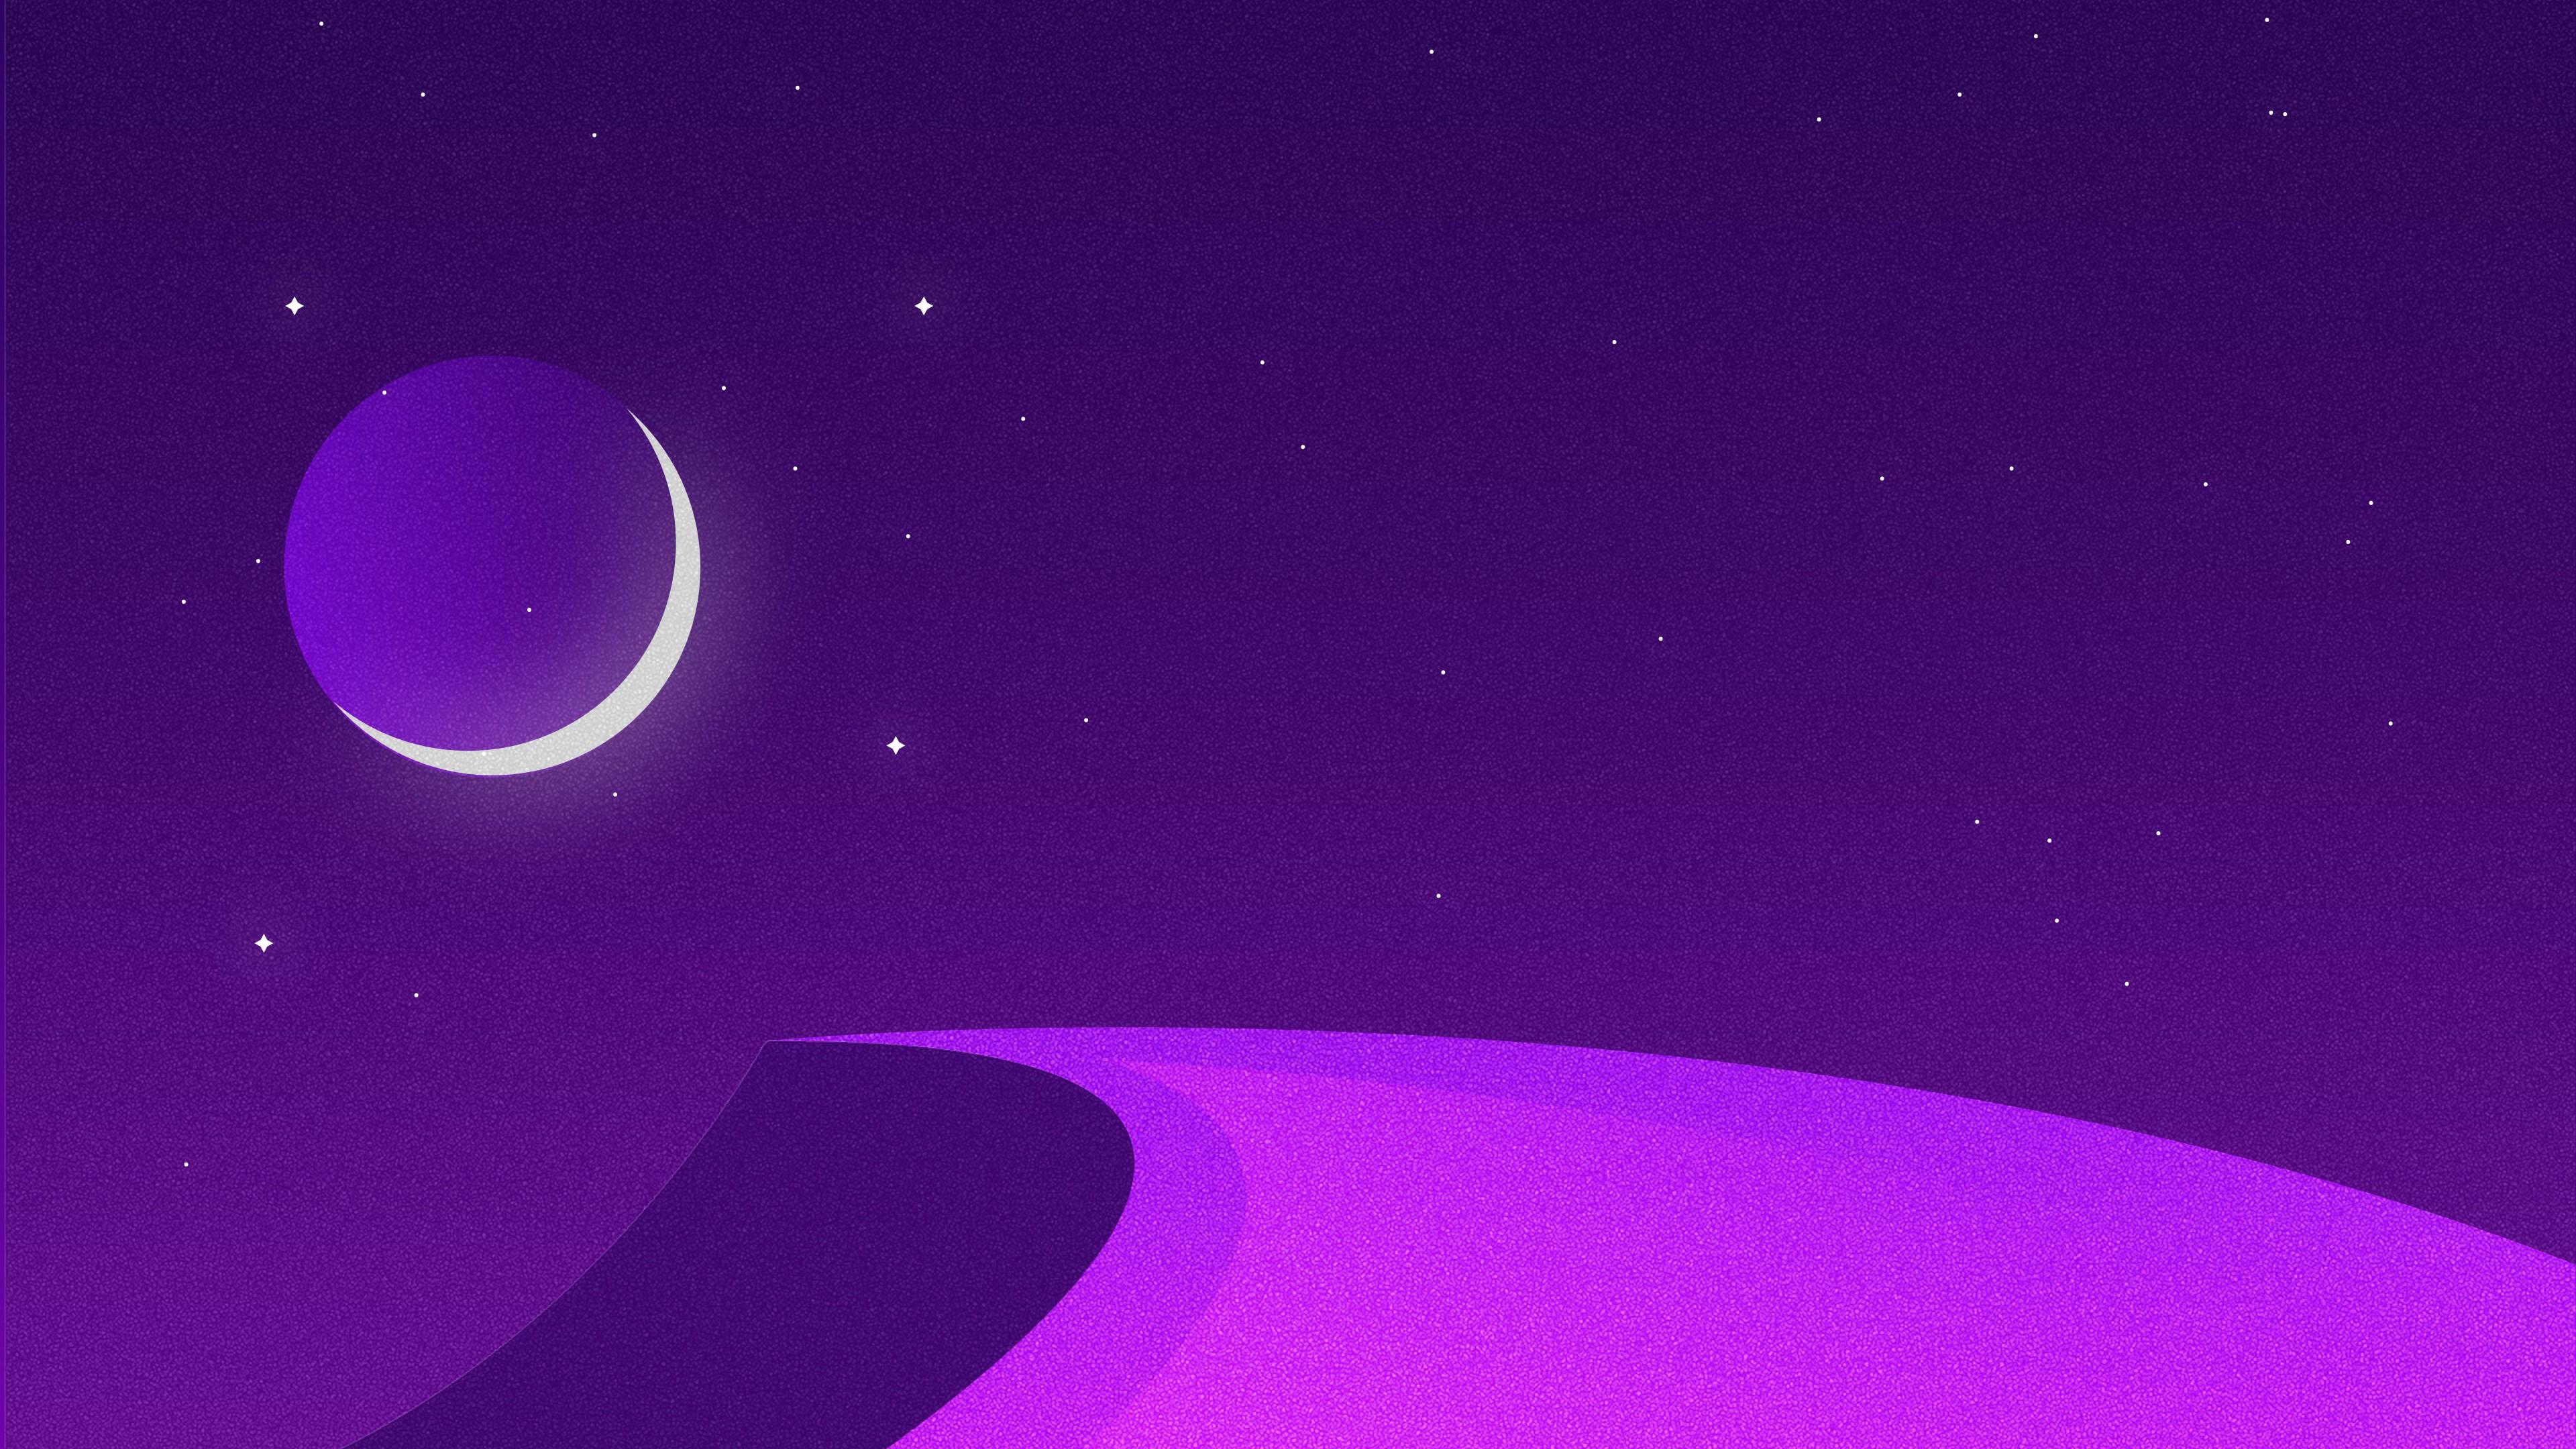 Звездная ночь могущества в фиолетово-пурпурных цветах и сияющего полумесяца